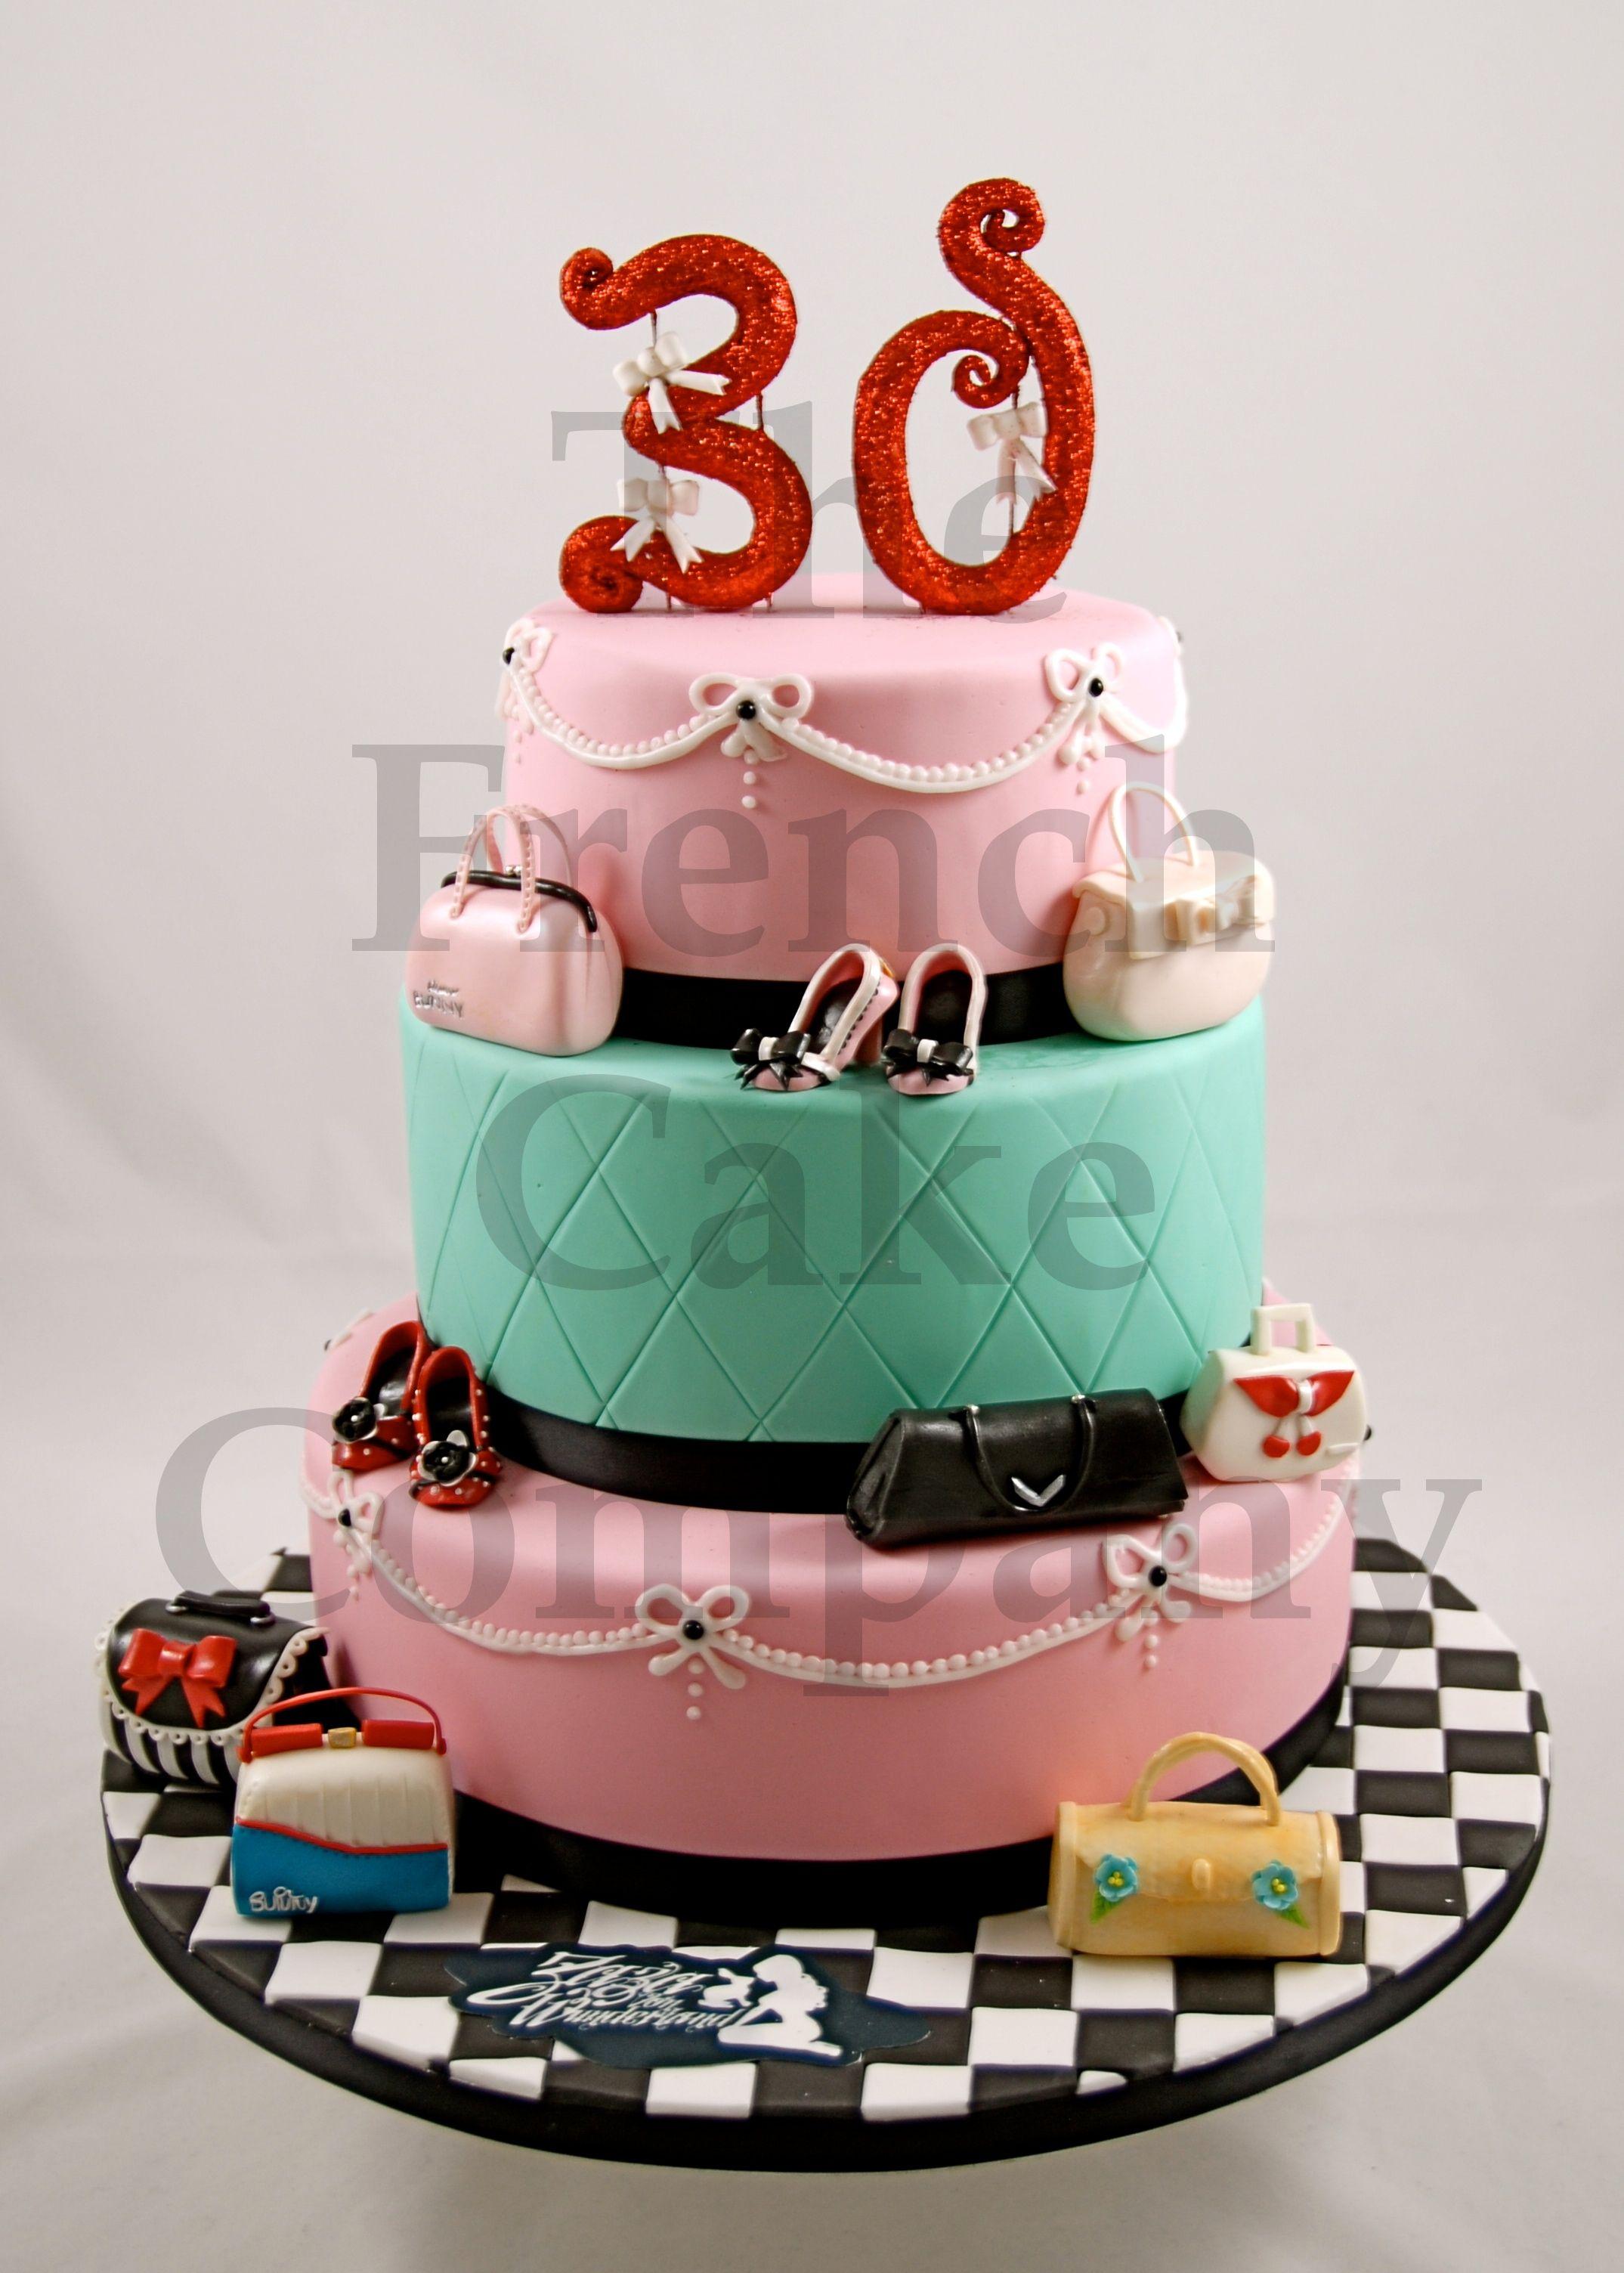 Birthday cake gateau d 39 anniversaire decore verjaardagstaart anniversaire pinterest - Image gateau anniversaire 30 ans ...